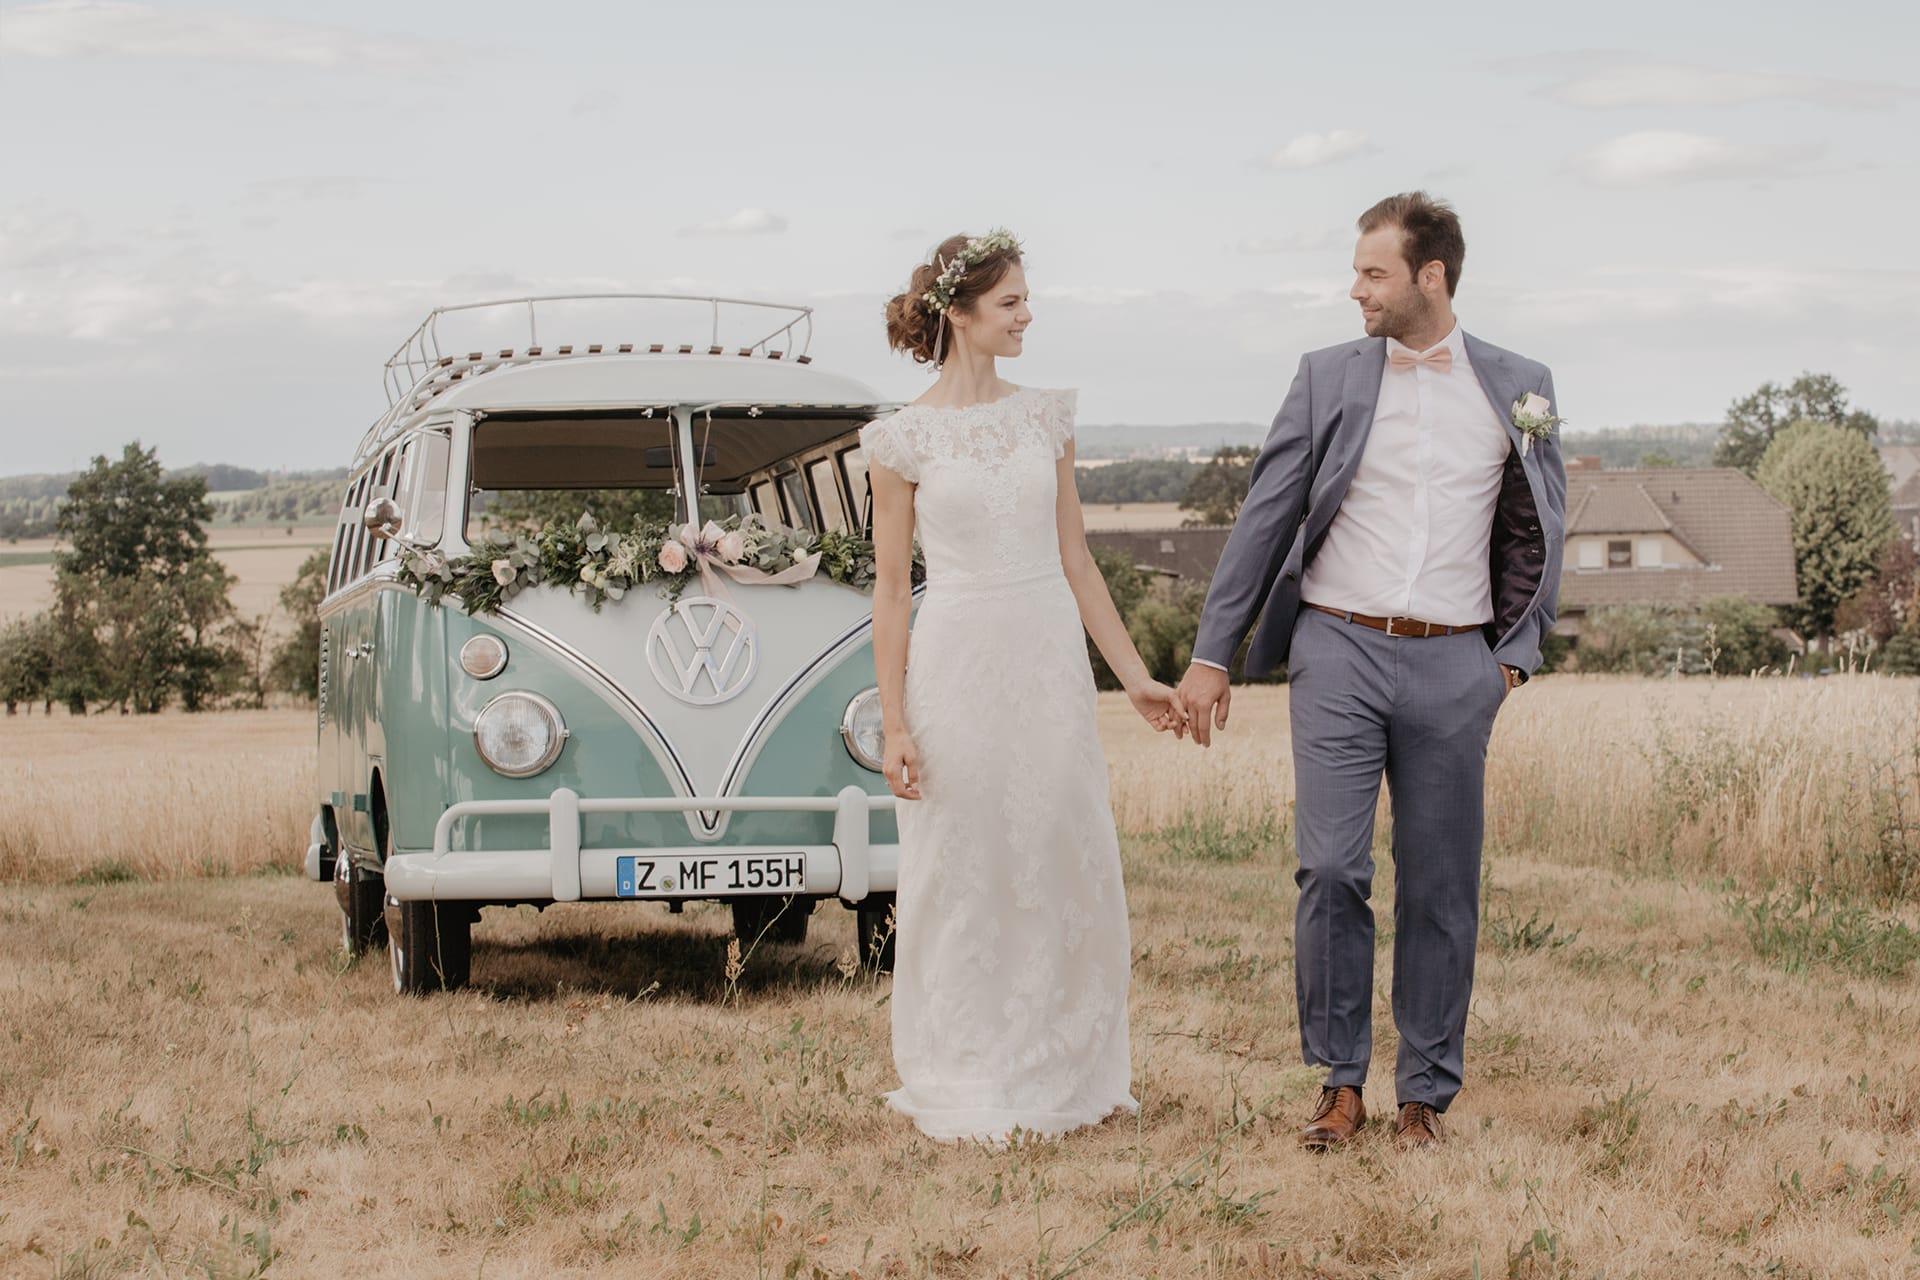 VW Bulli mieten Hochzeitspaar Vintage Fotoshooting Hochzeit Hochzeitsauto Brautkleid Anzug Blumendekoration